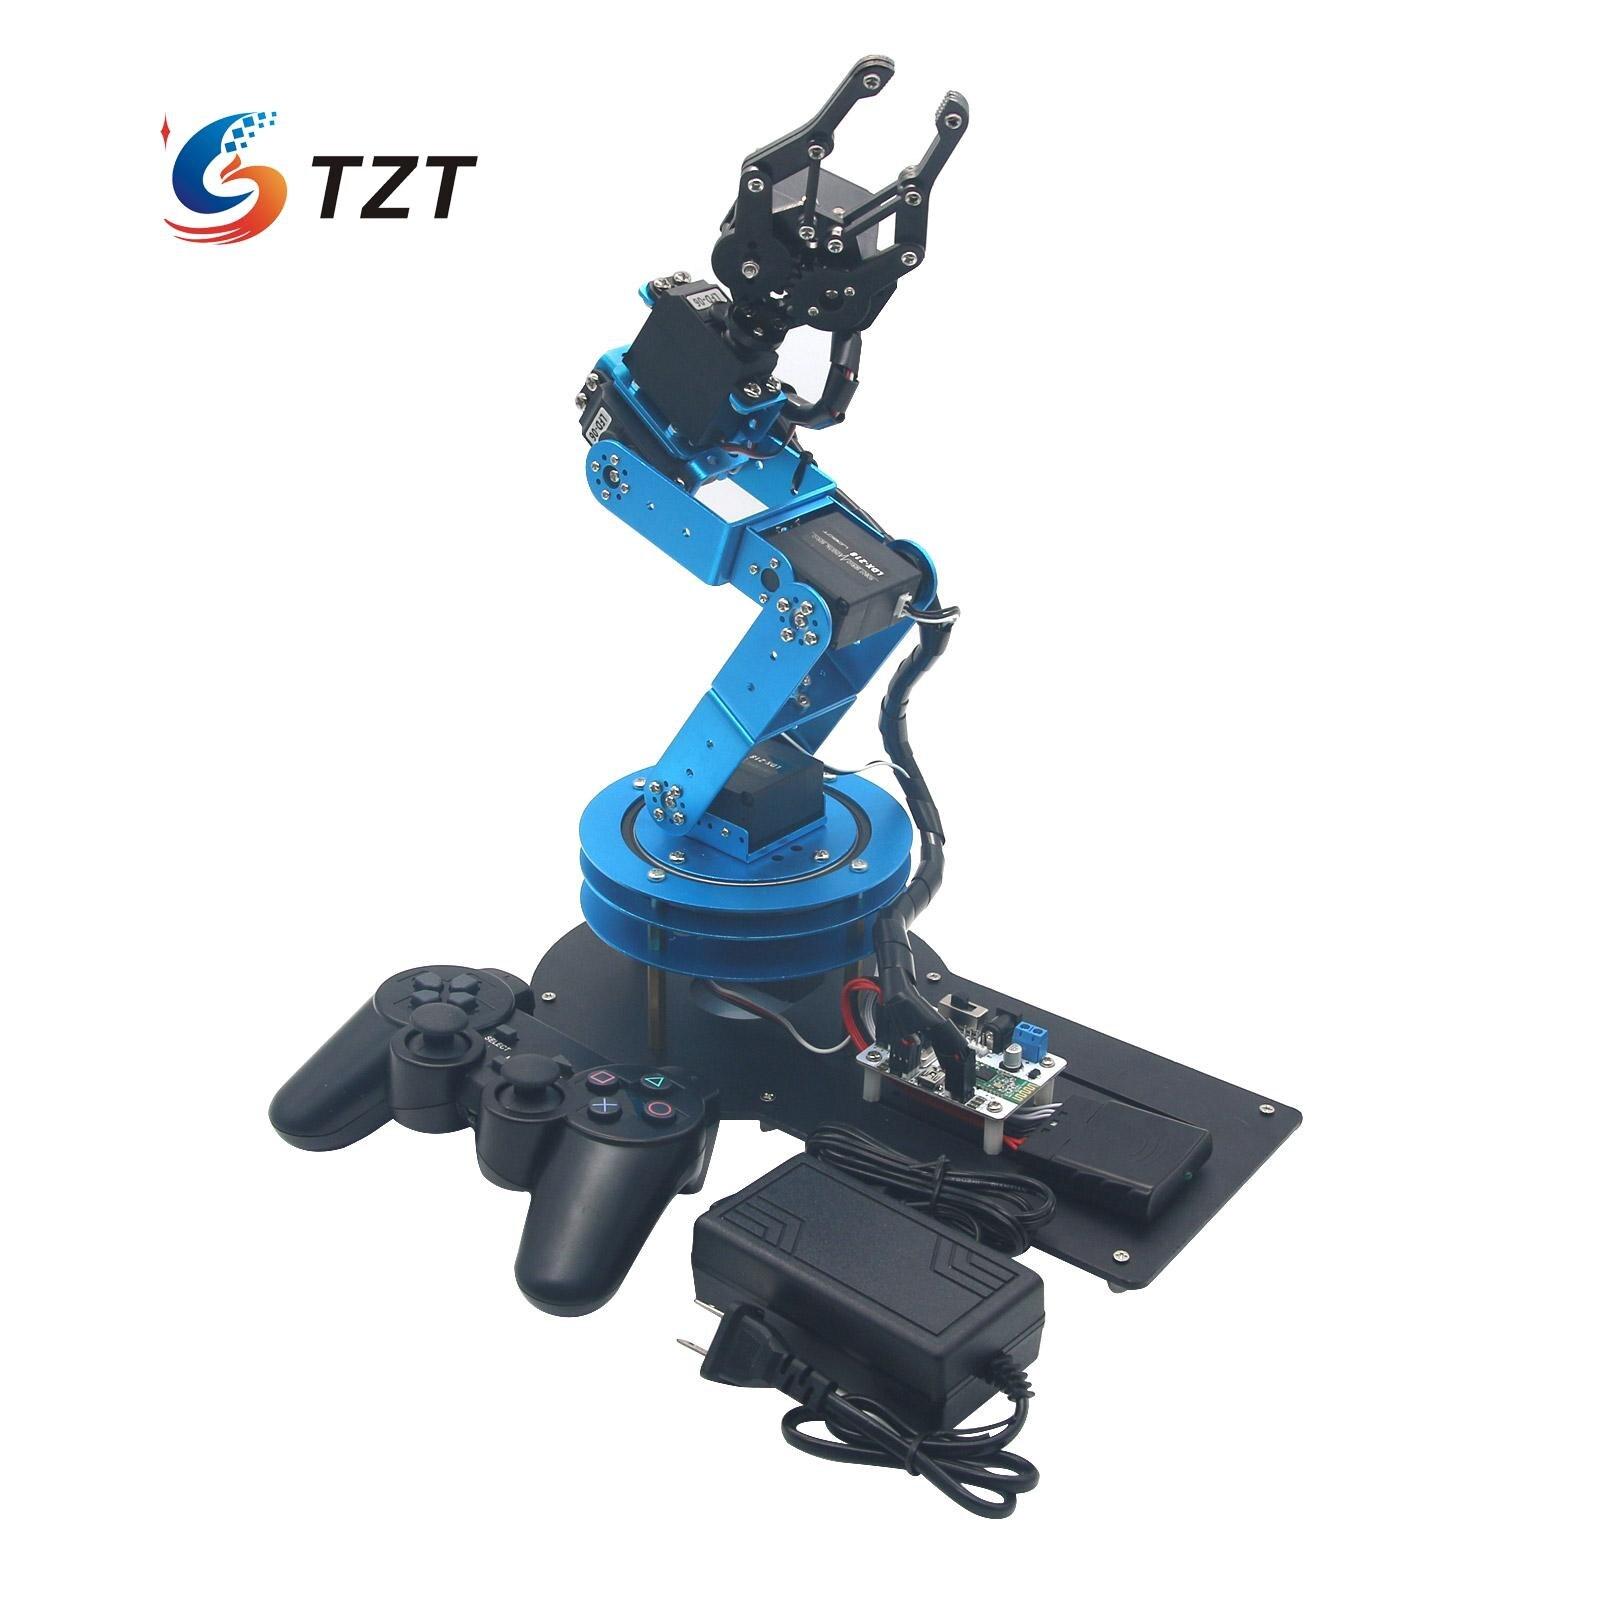 LeArm 6DOF Mechnical Bras Robotisé avec 6 PCS Numérique Servo et PS2 Poignée Contrôle pour L'éducation de BRICOLAGE Assemblé